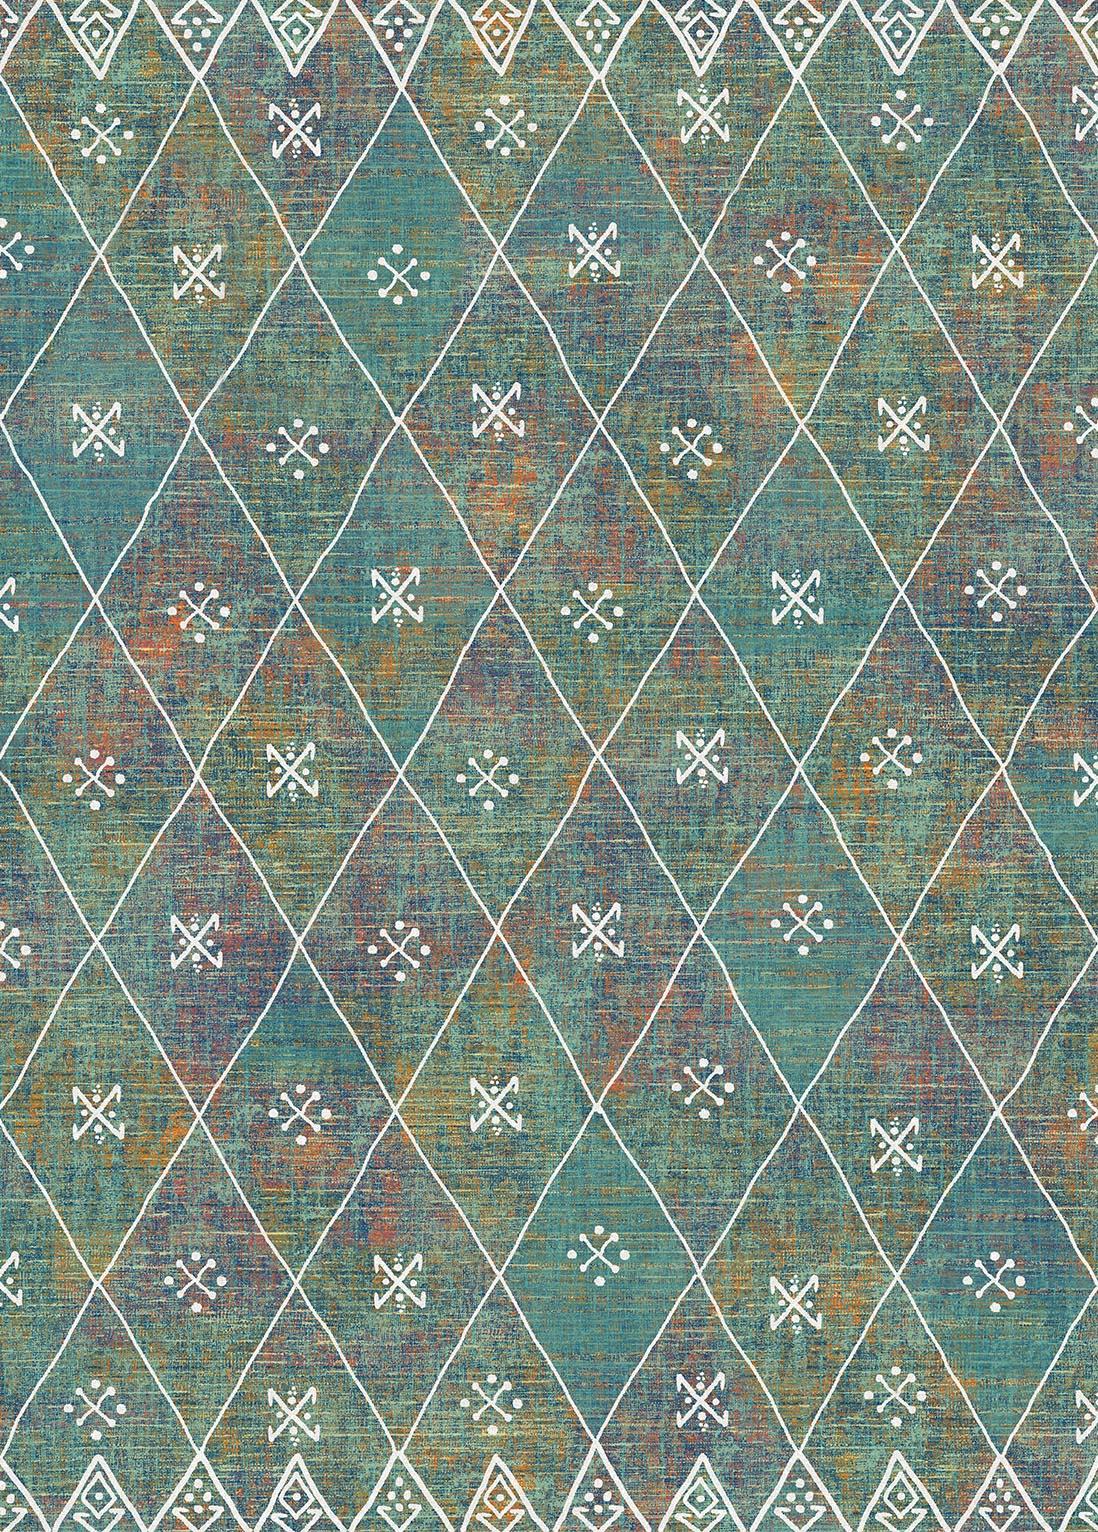 Moroccan Rug - Kavi Polychrome